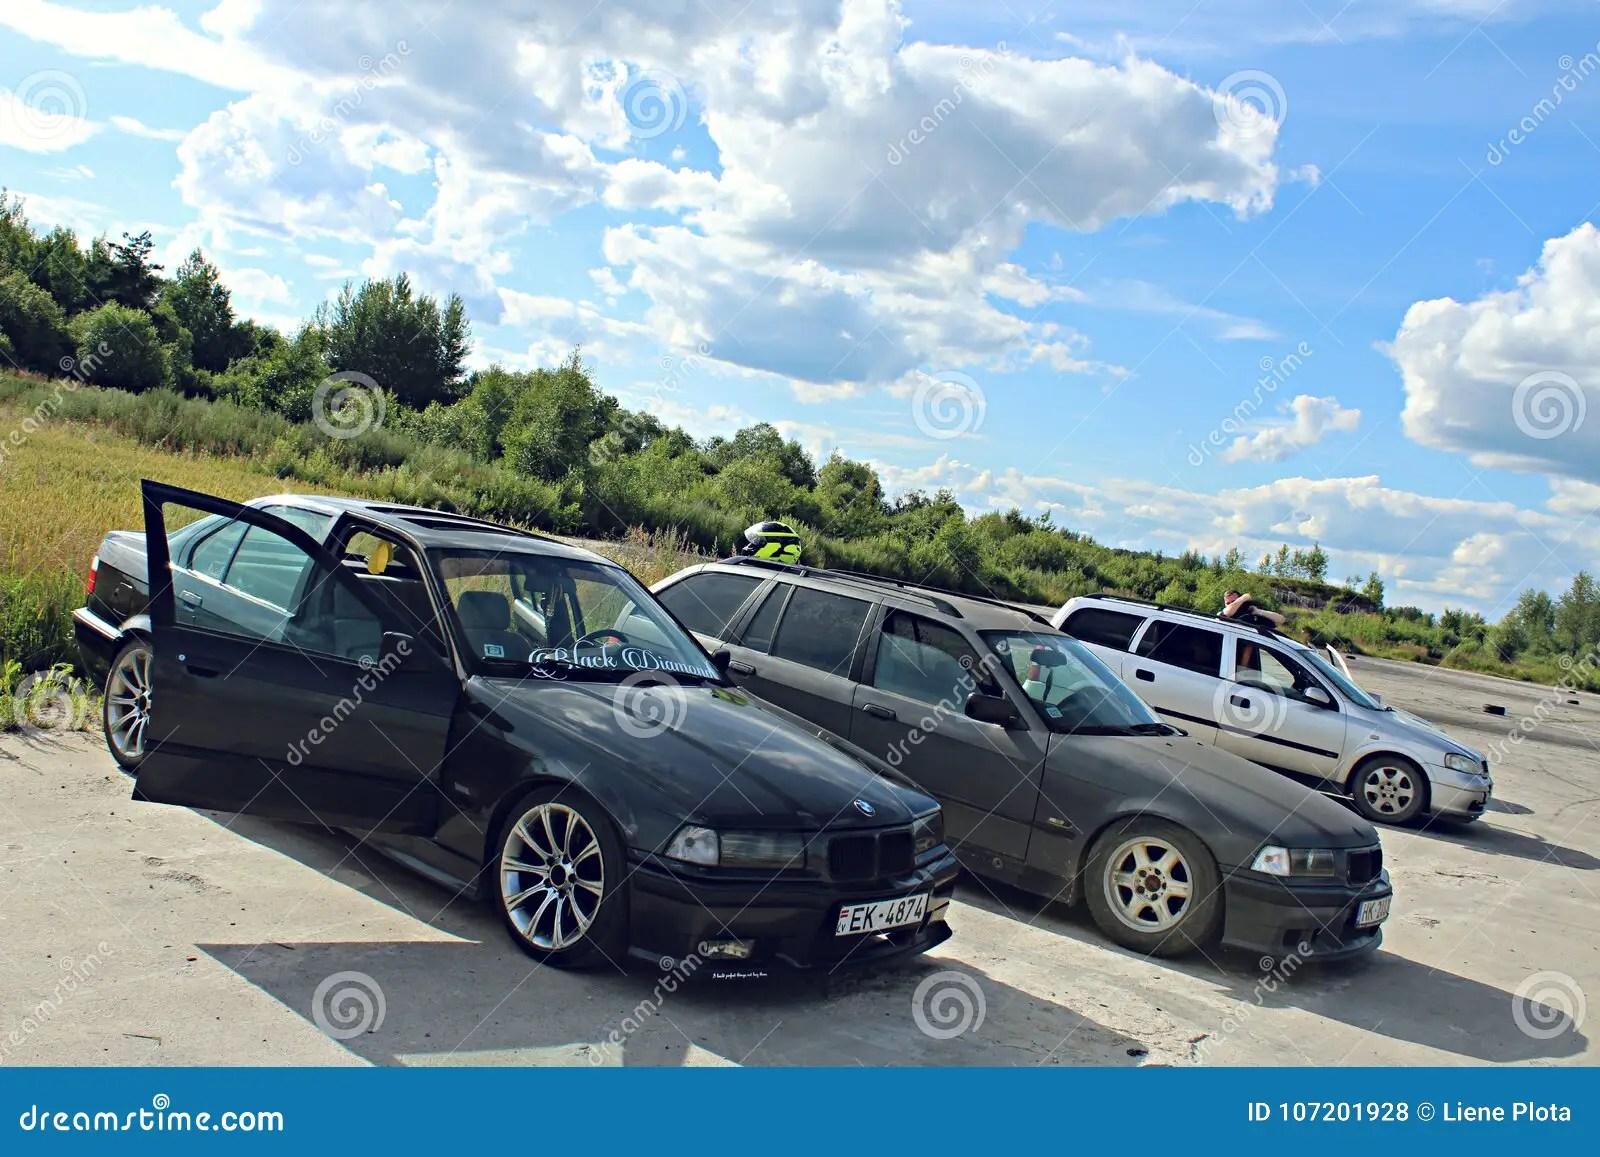 hight resolution of bmw e36 drift cars